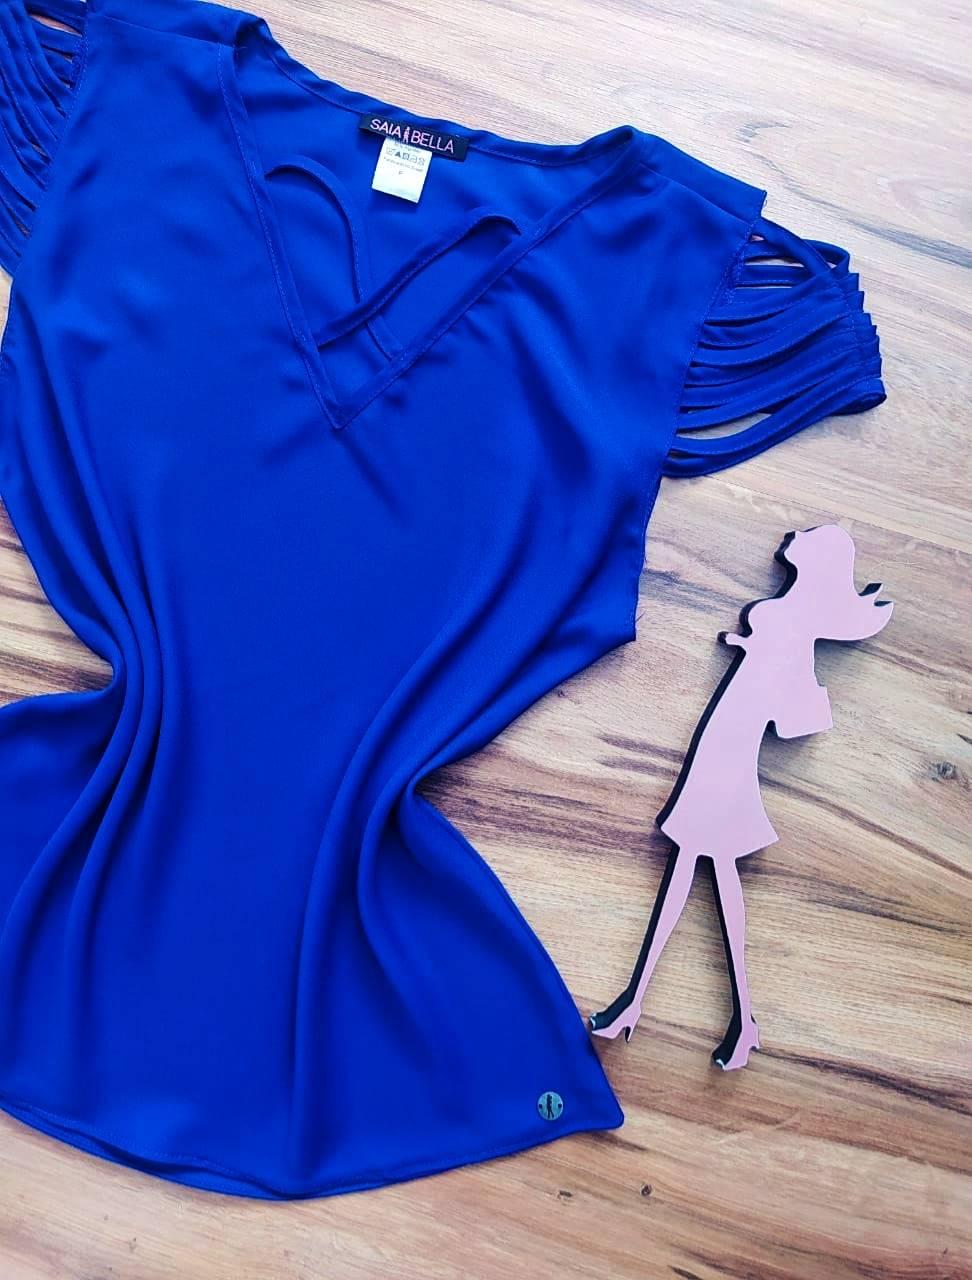 Blusa Sheila Saia Bella - SB8018804. azul royal